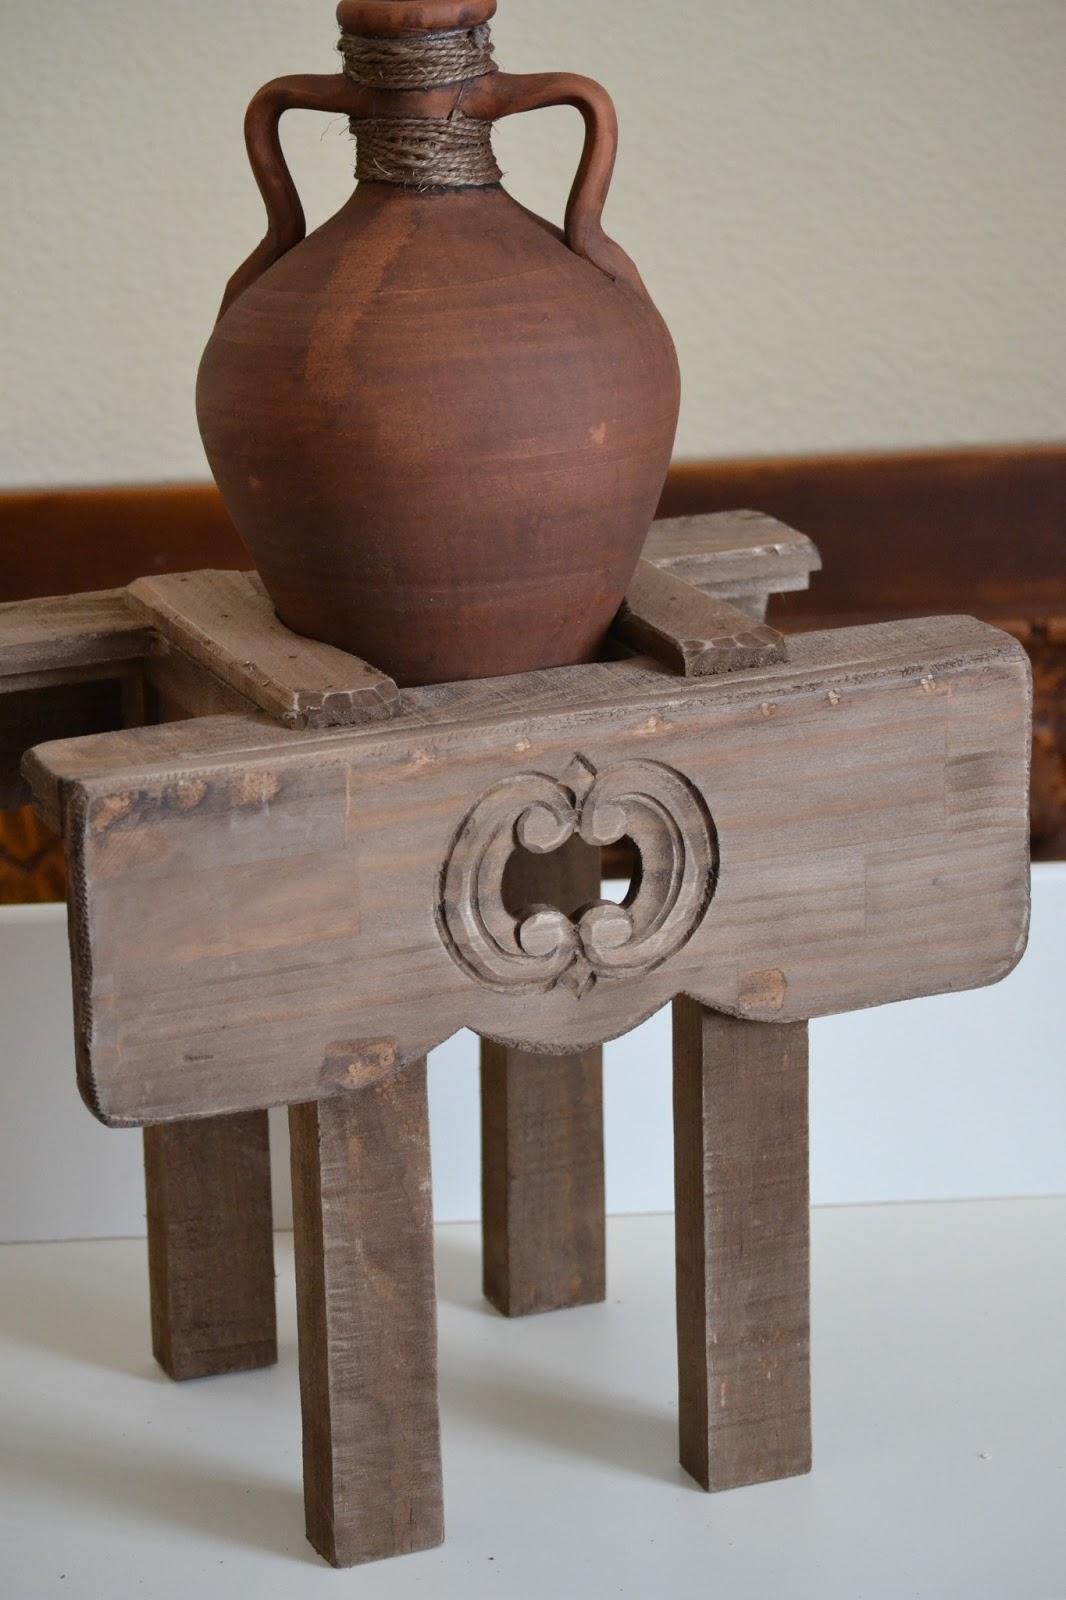 Cosas de madera rusticas beautiful y de ancho cmfenomenal para la decoracion de cocinas y - Cosas de madera rusticas ...